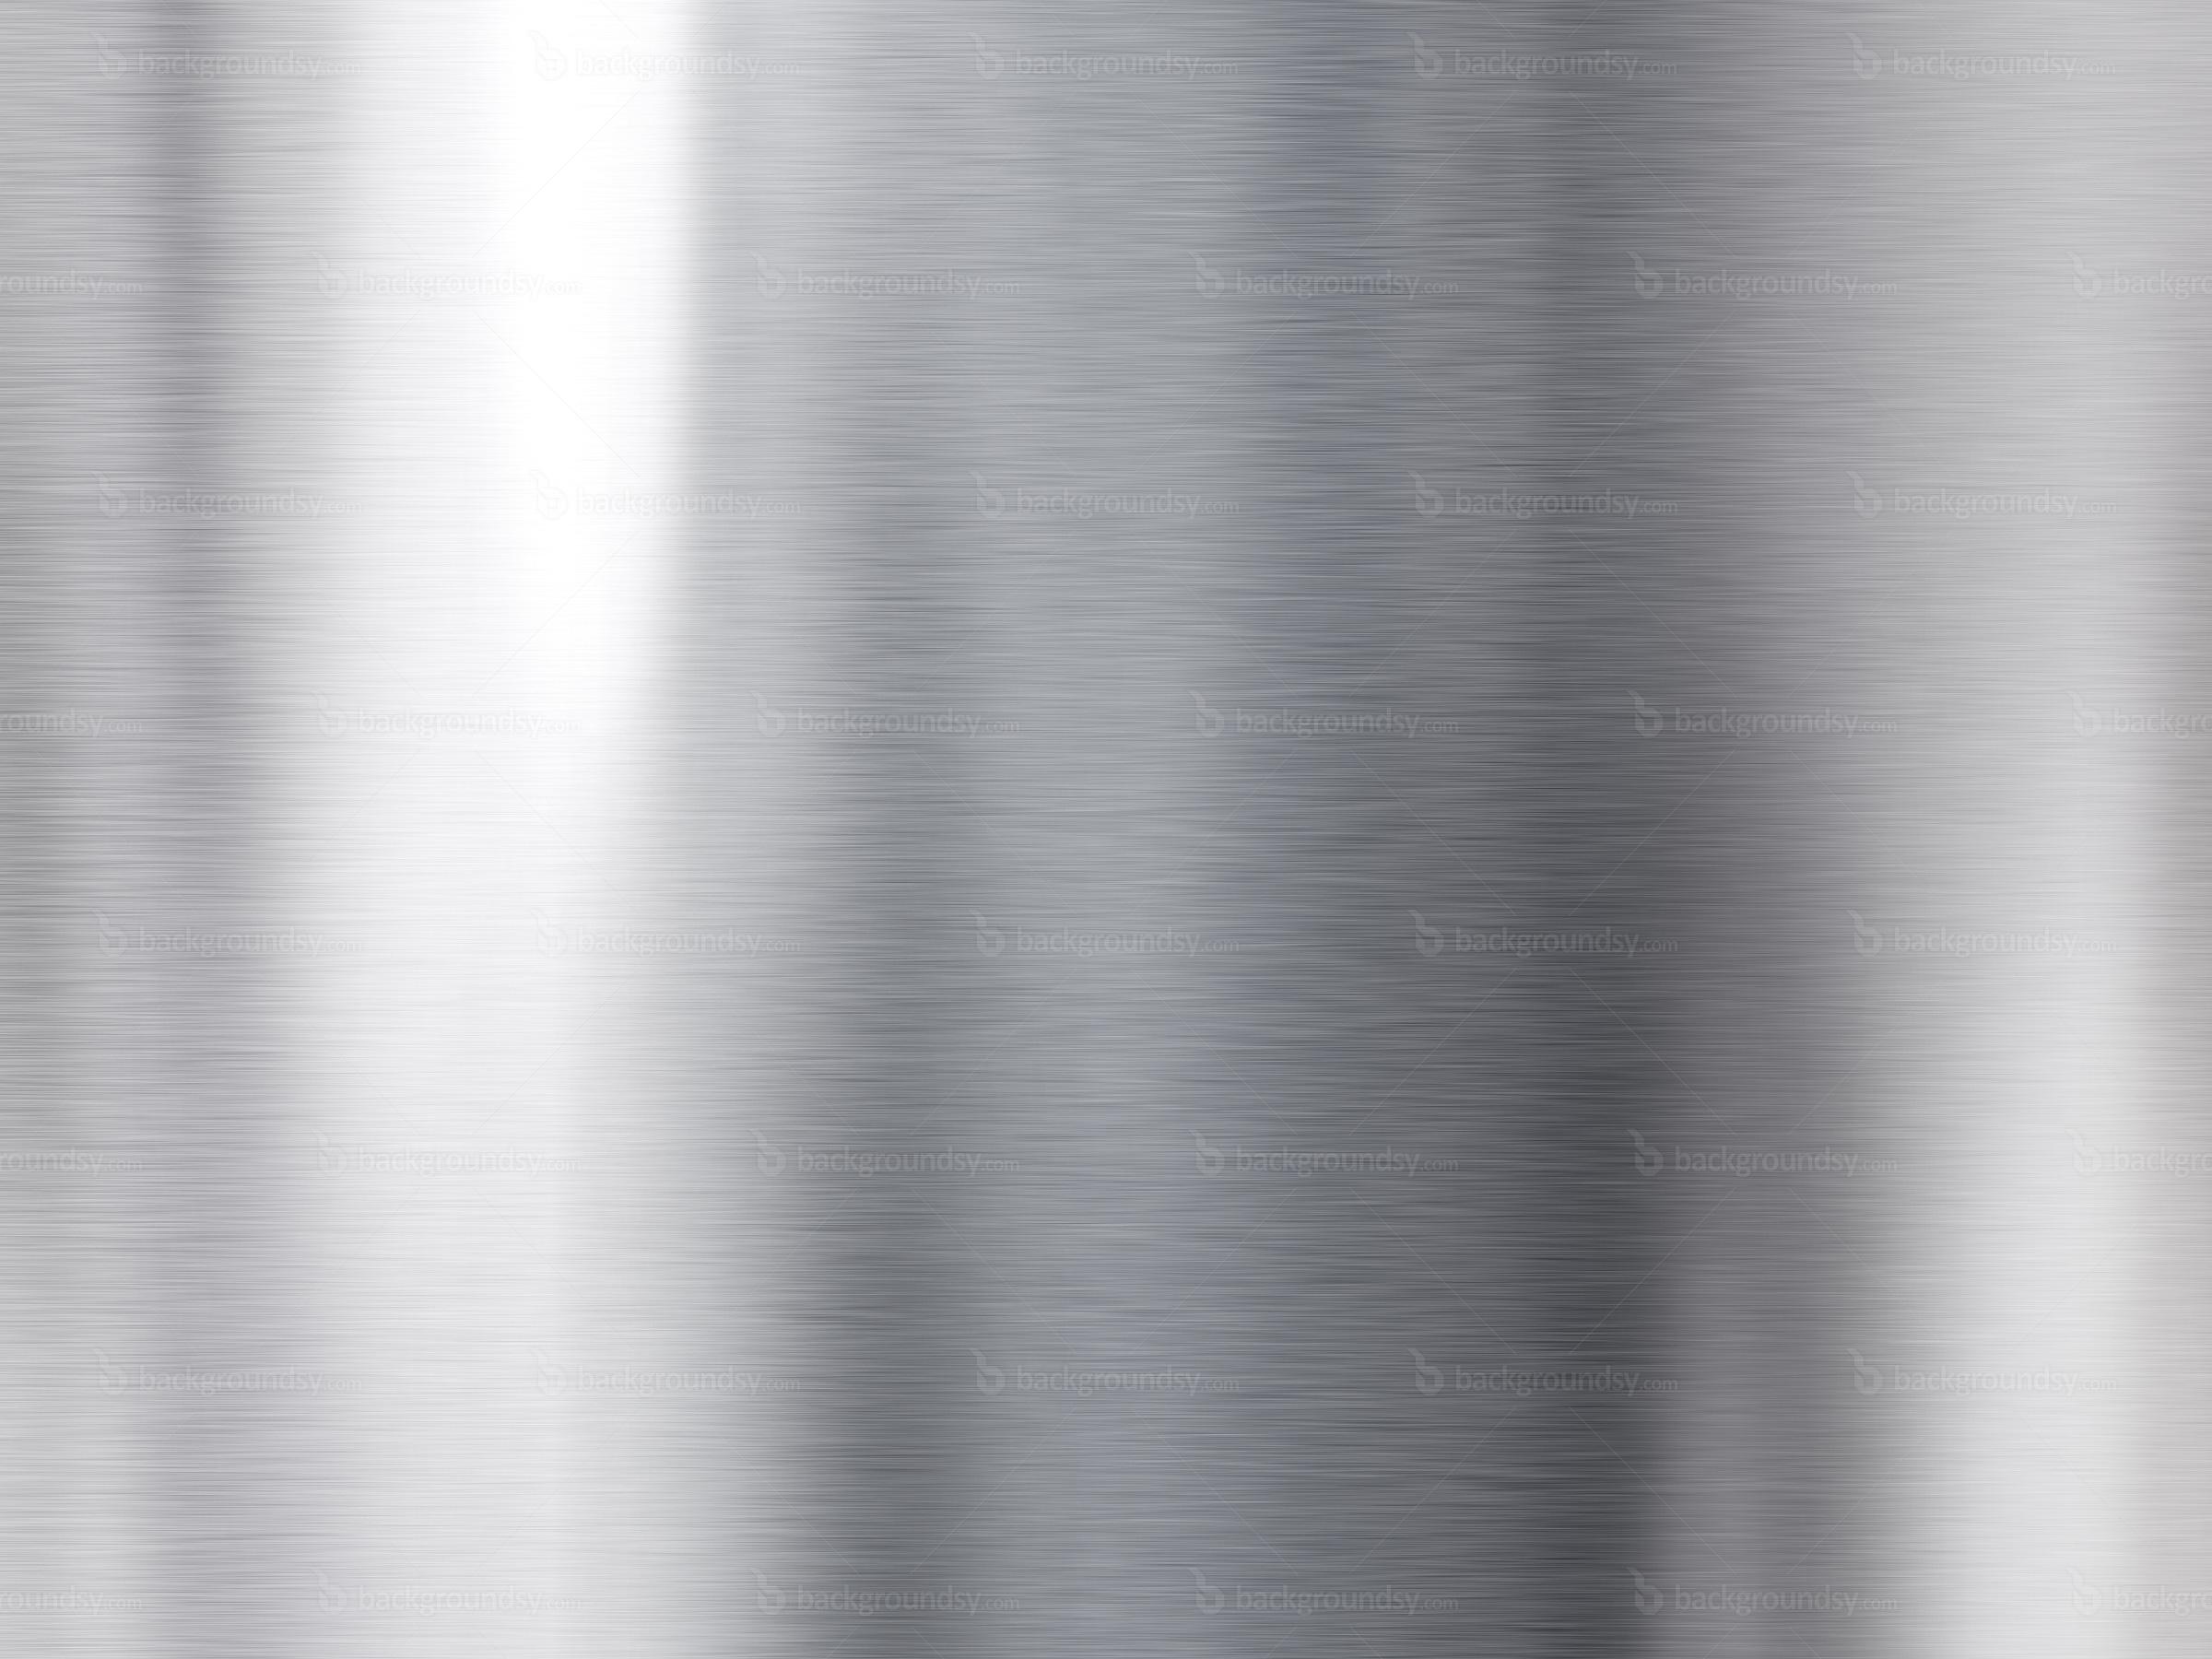 chrome wallpaper size